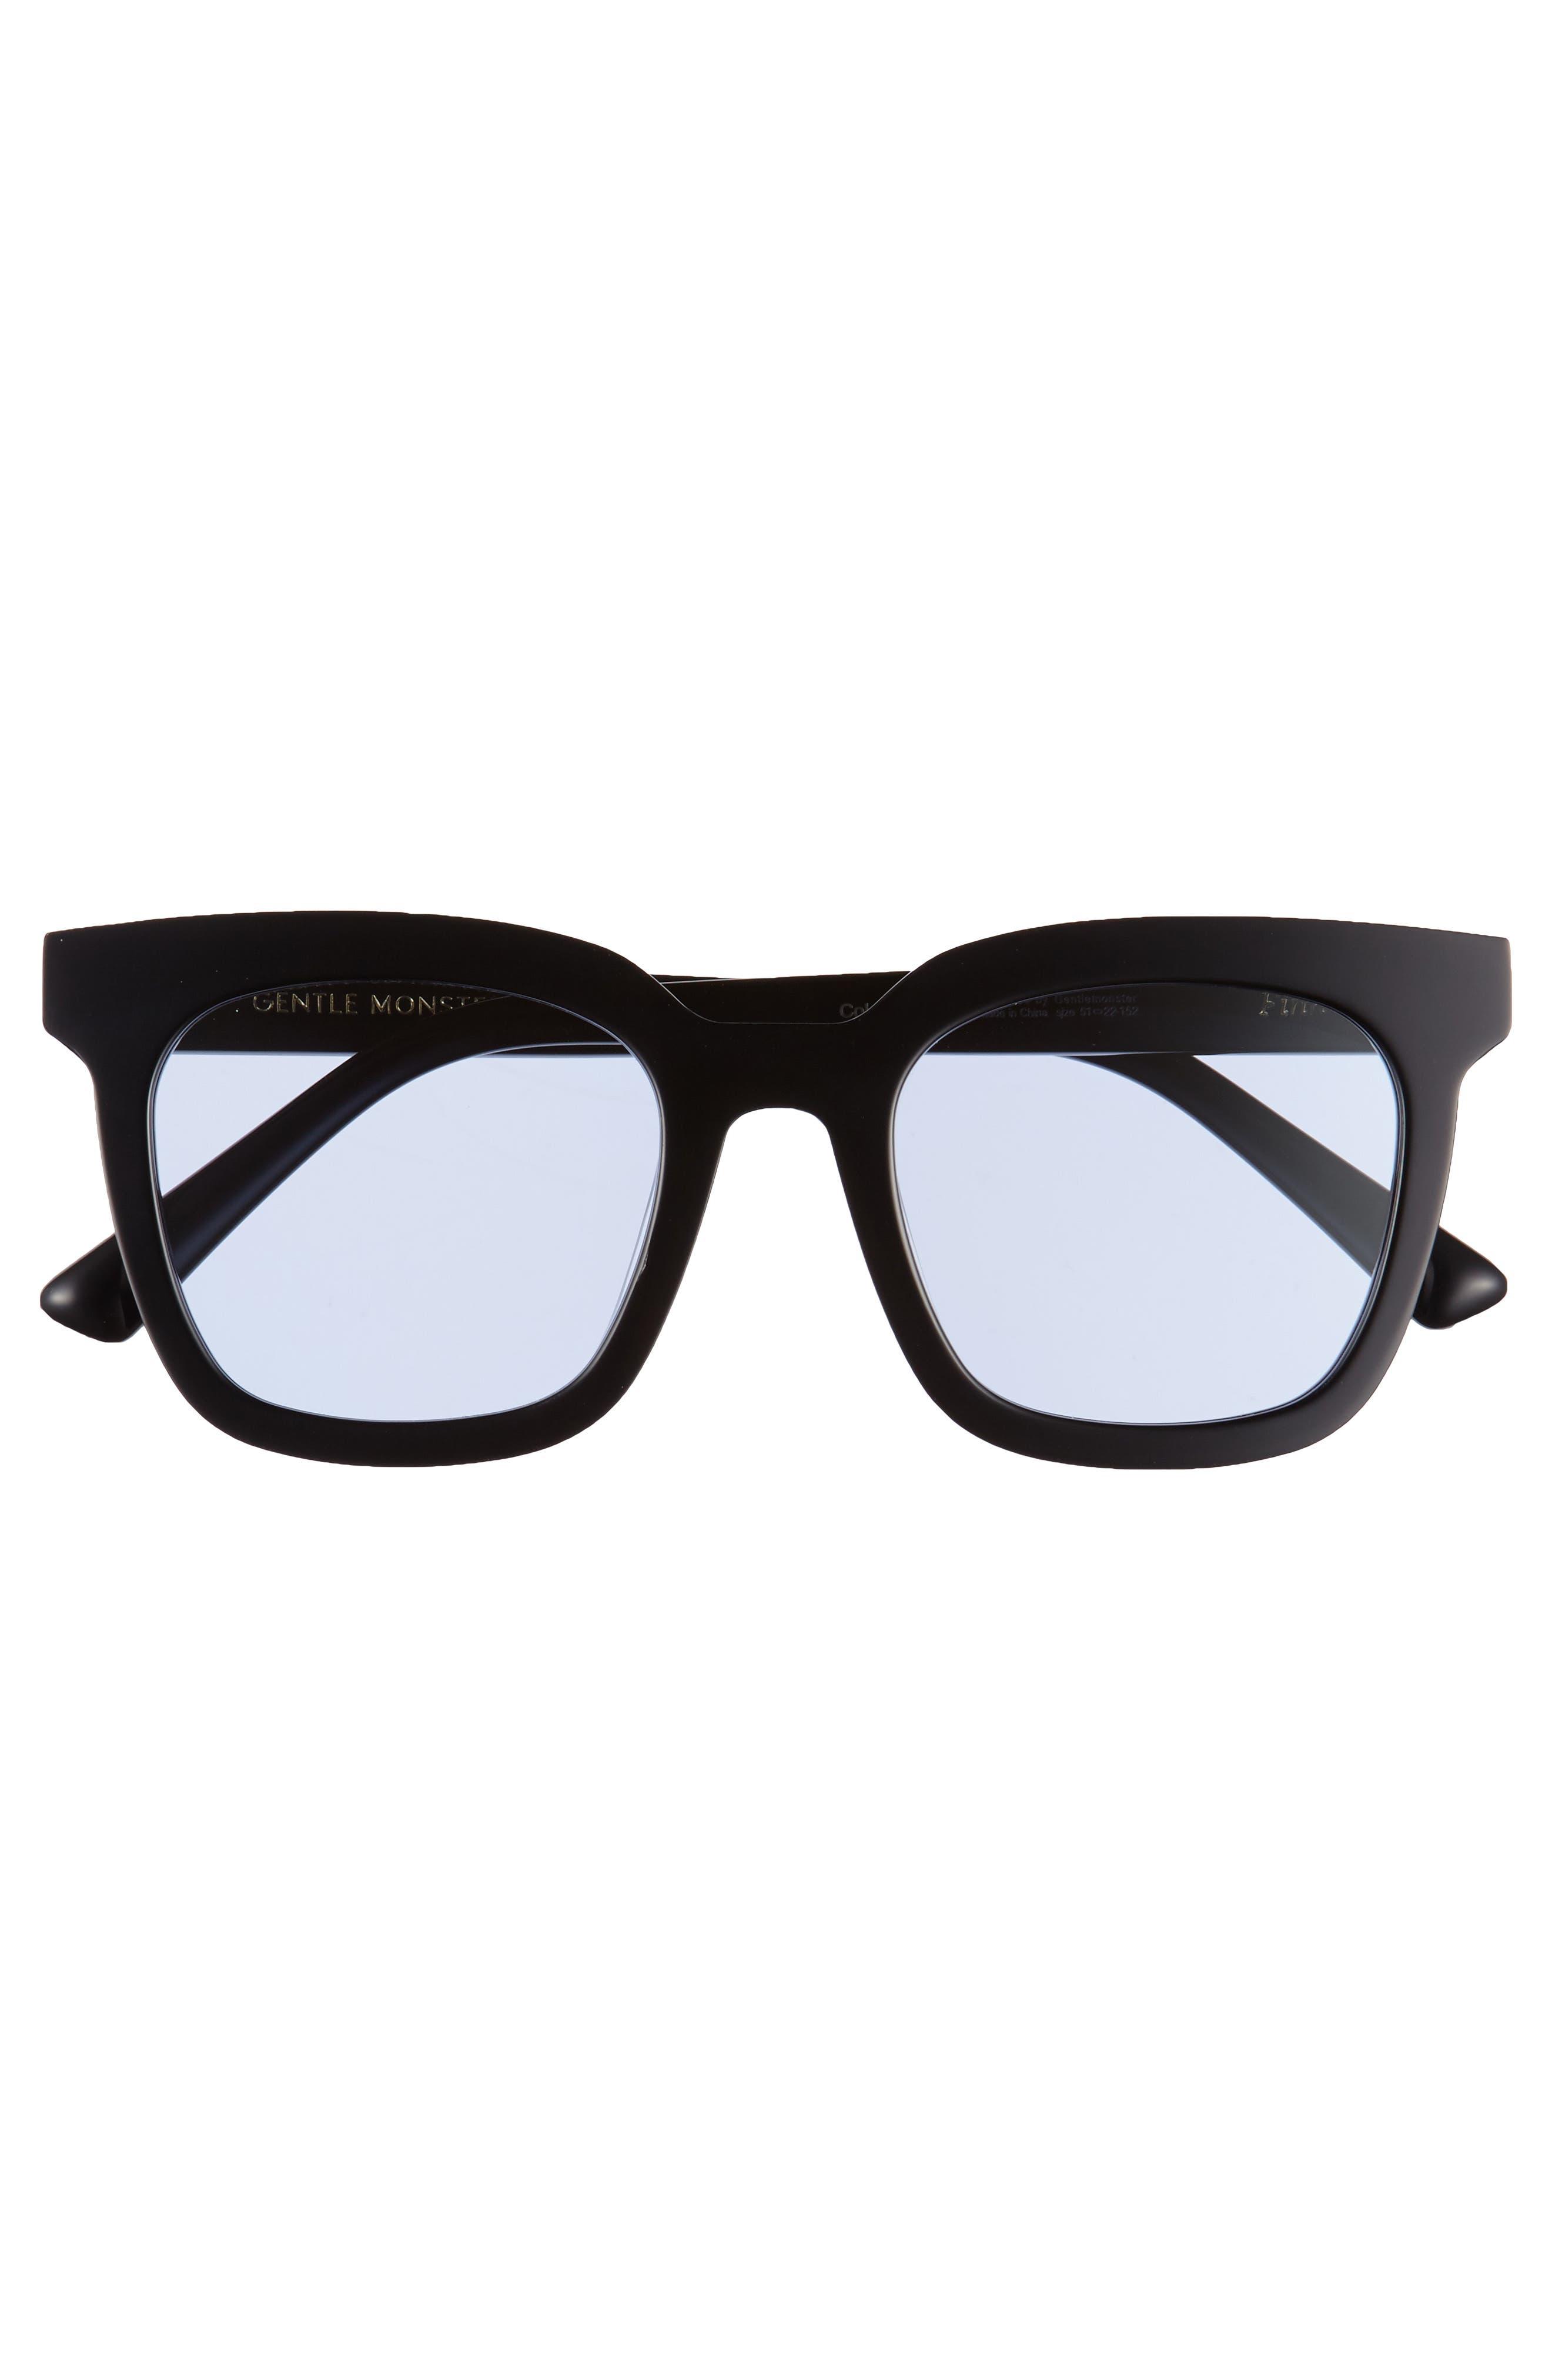 Finn 51mm Sunglasses,                             Alternate thumbnail 3, color,                             001